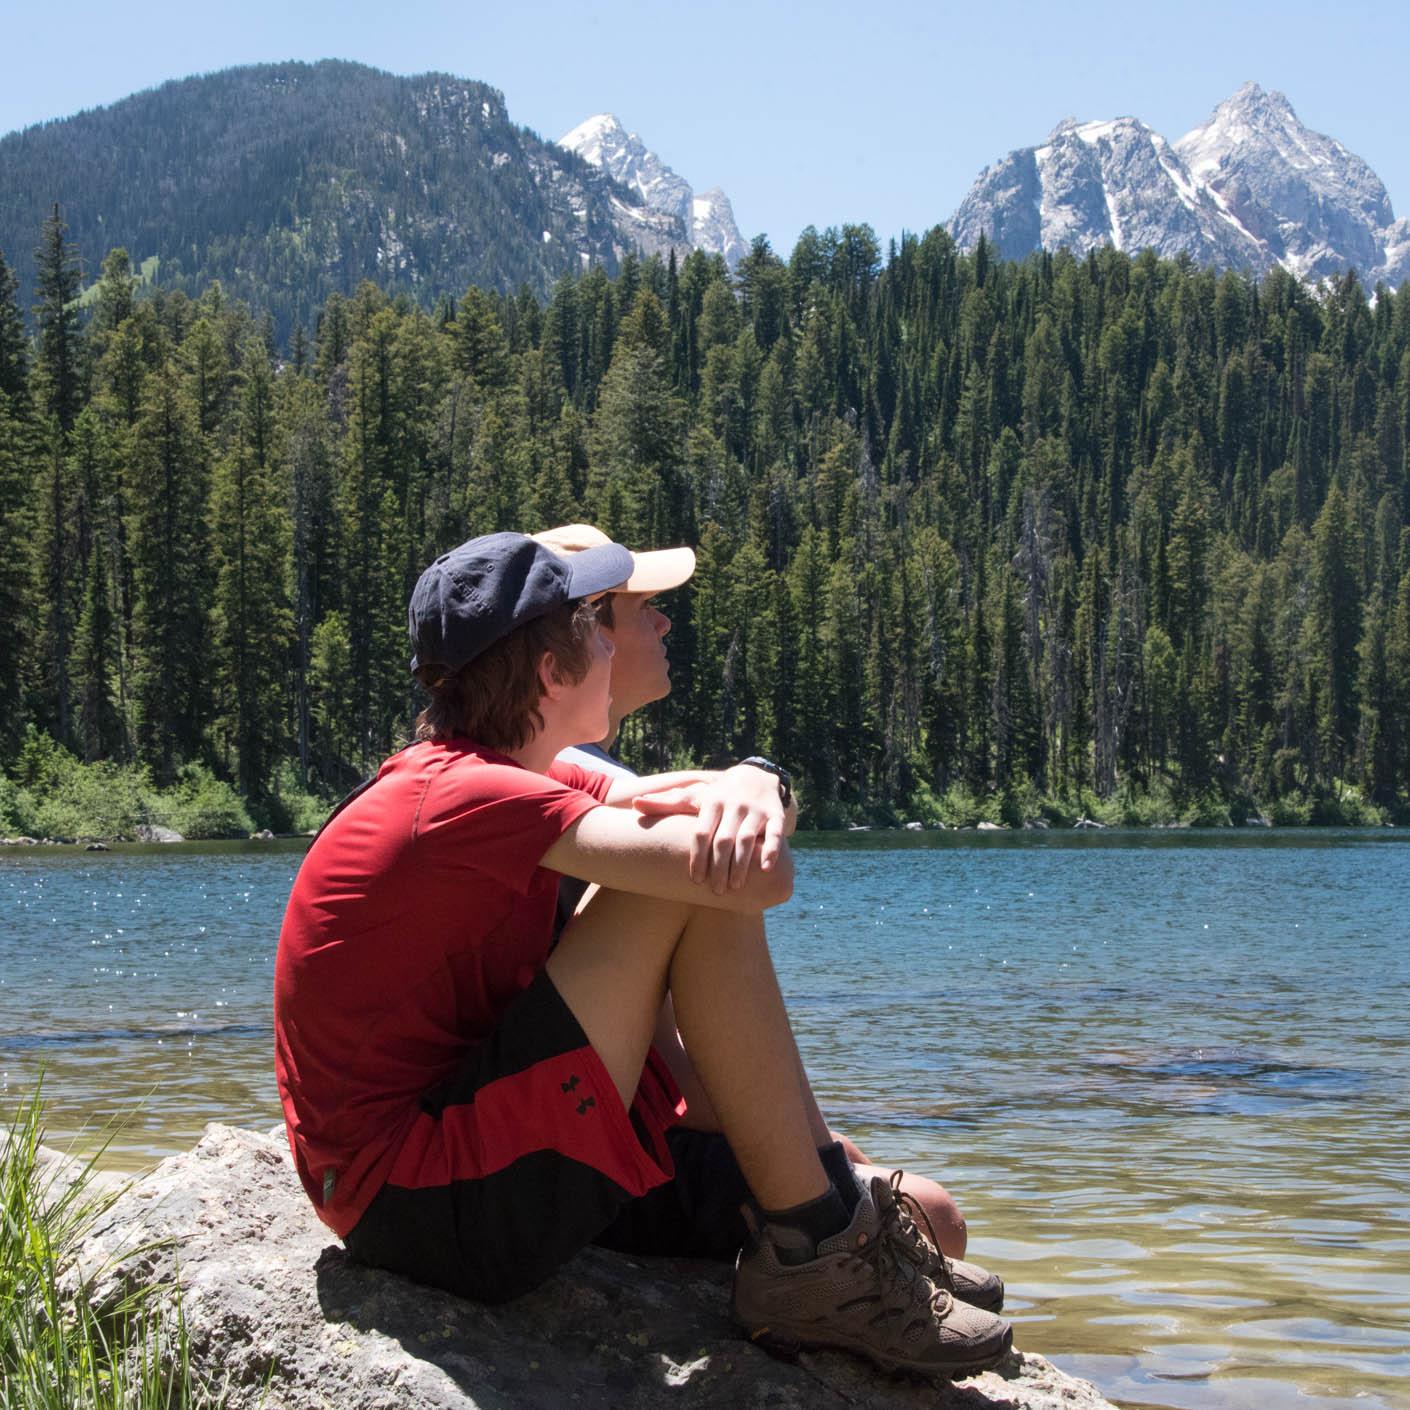 Jackson Hole High Trails hiking